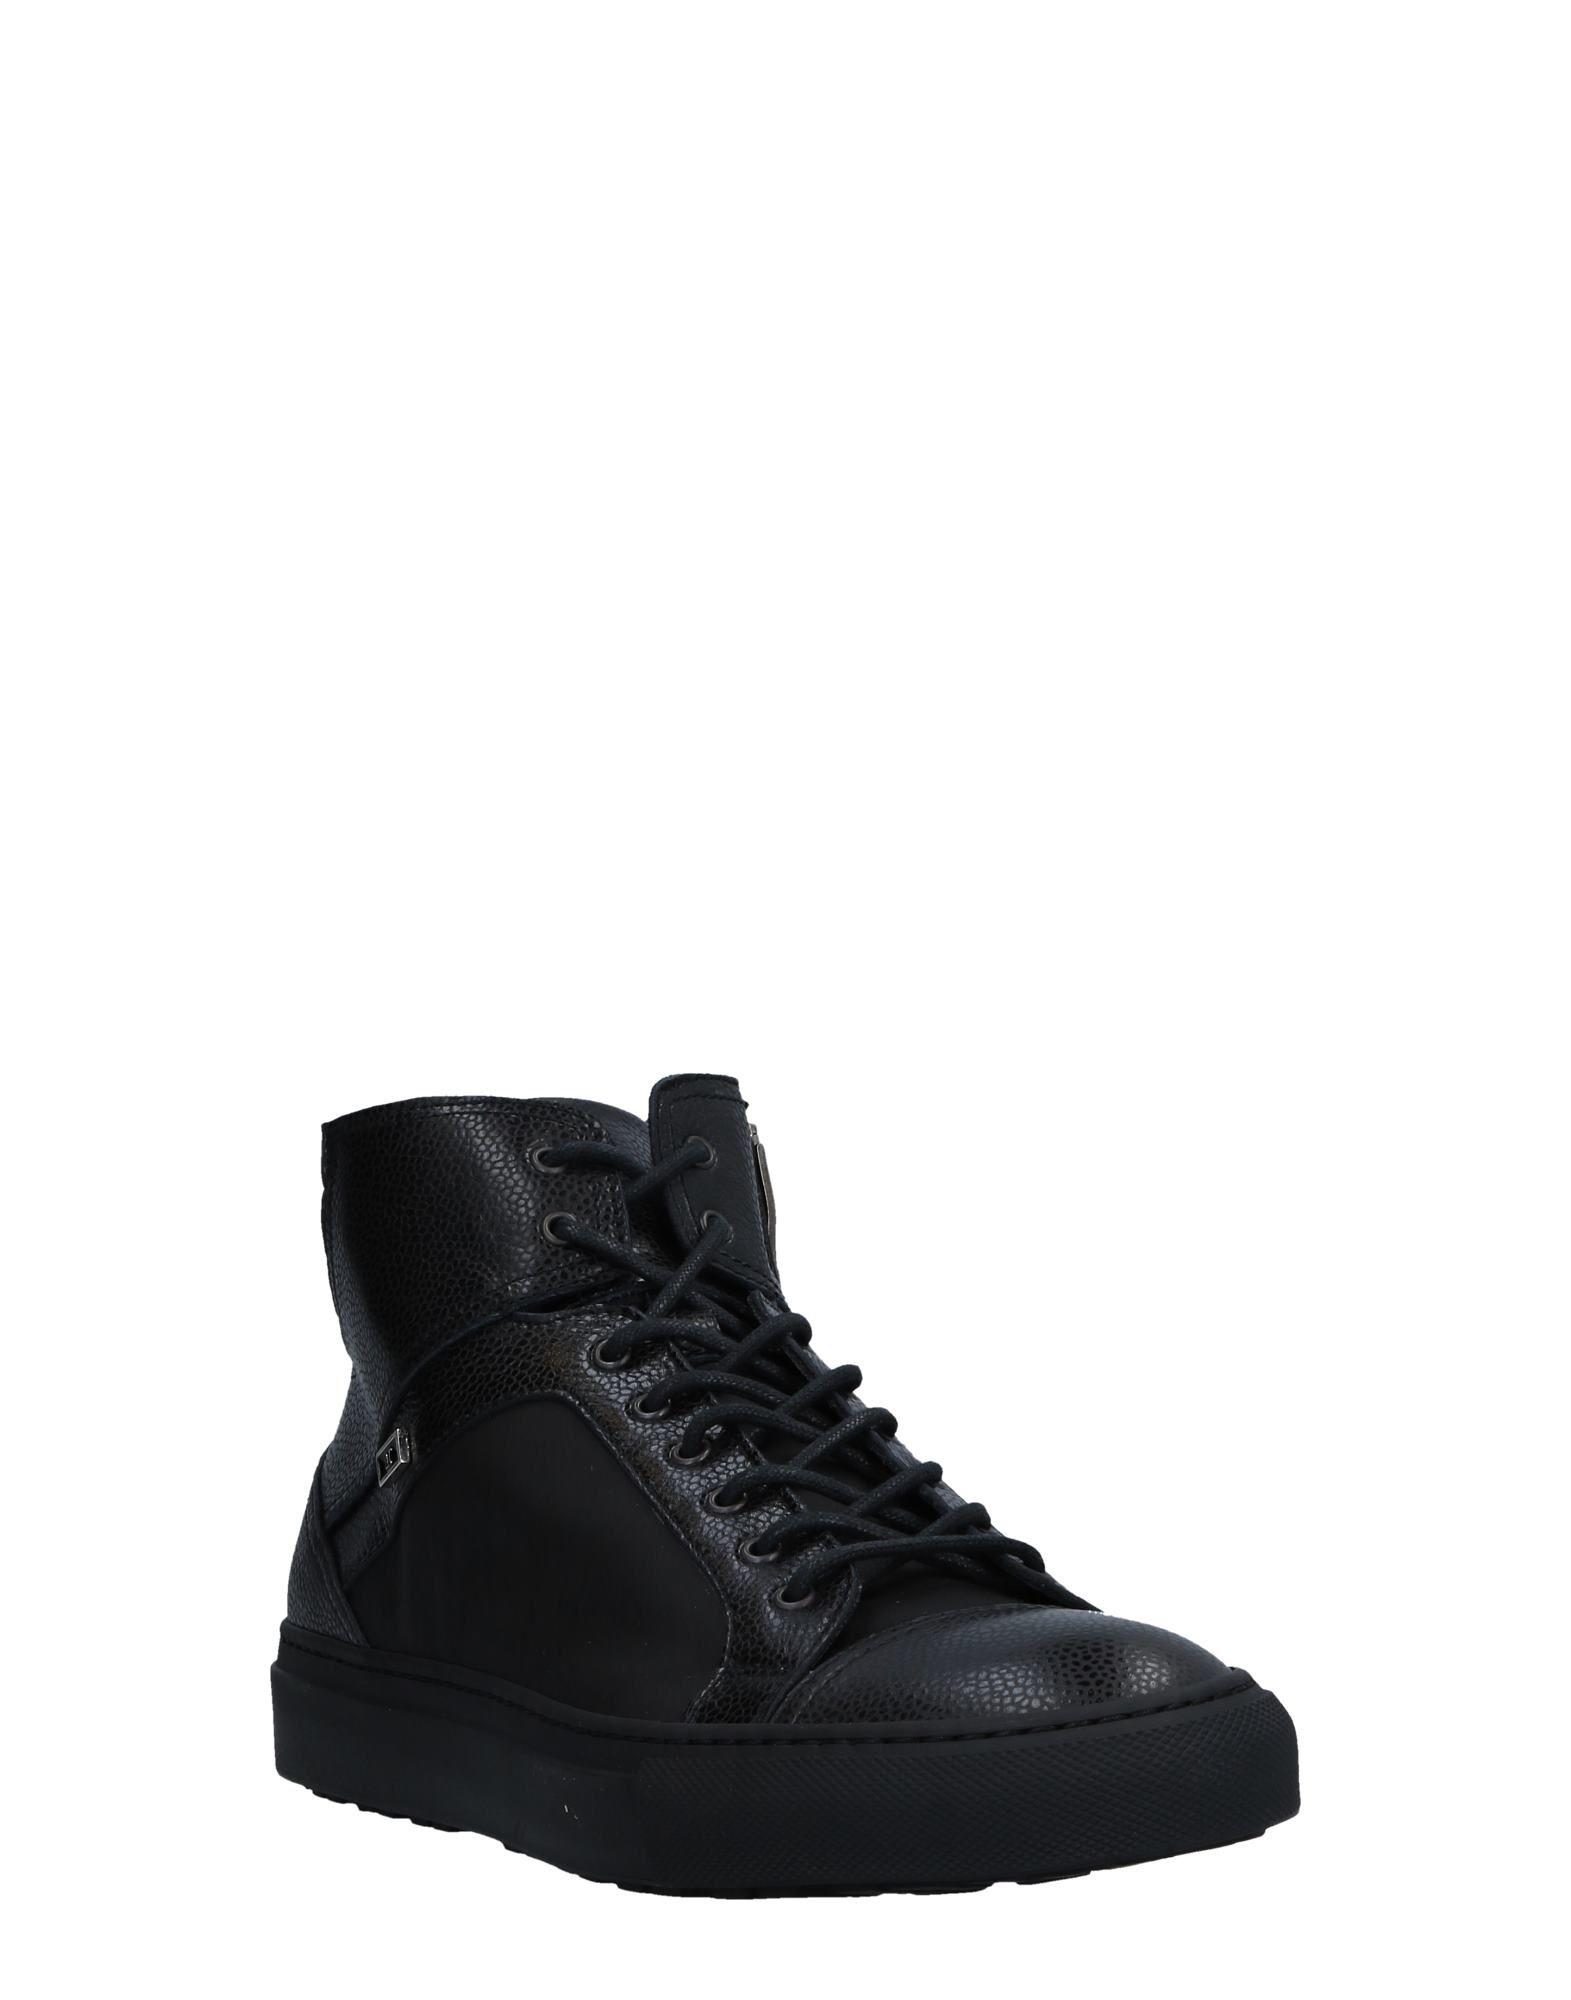 Giovanni Conti Sneakers Herren beliebte  11519519VM Gute Qualität beliebte Herren Schuhe a14898